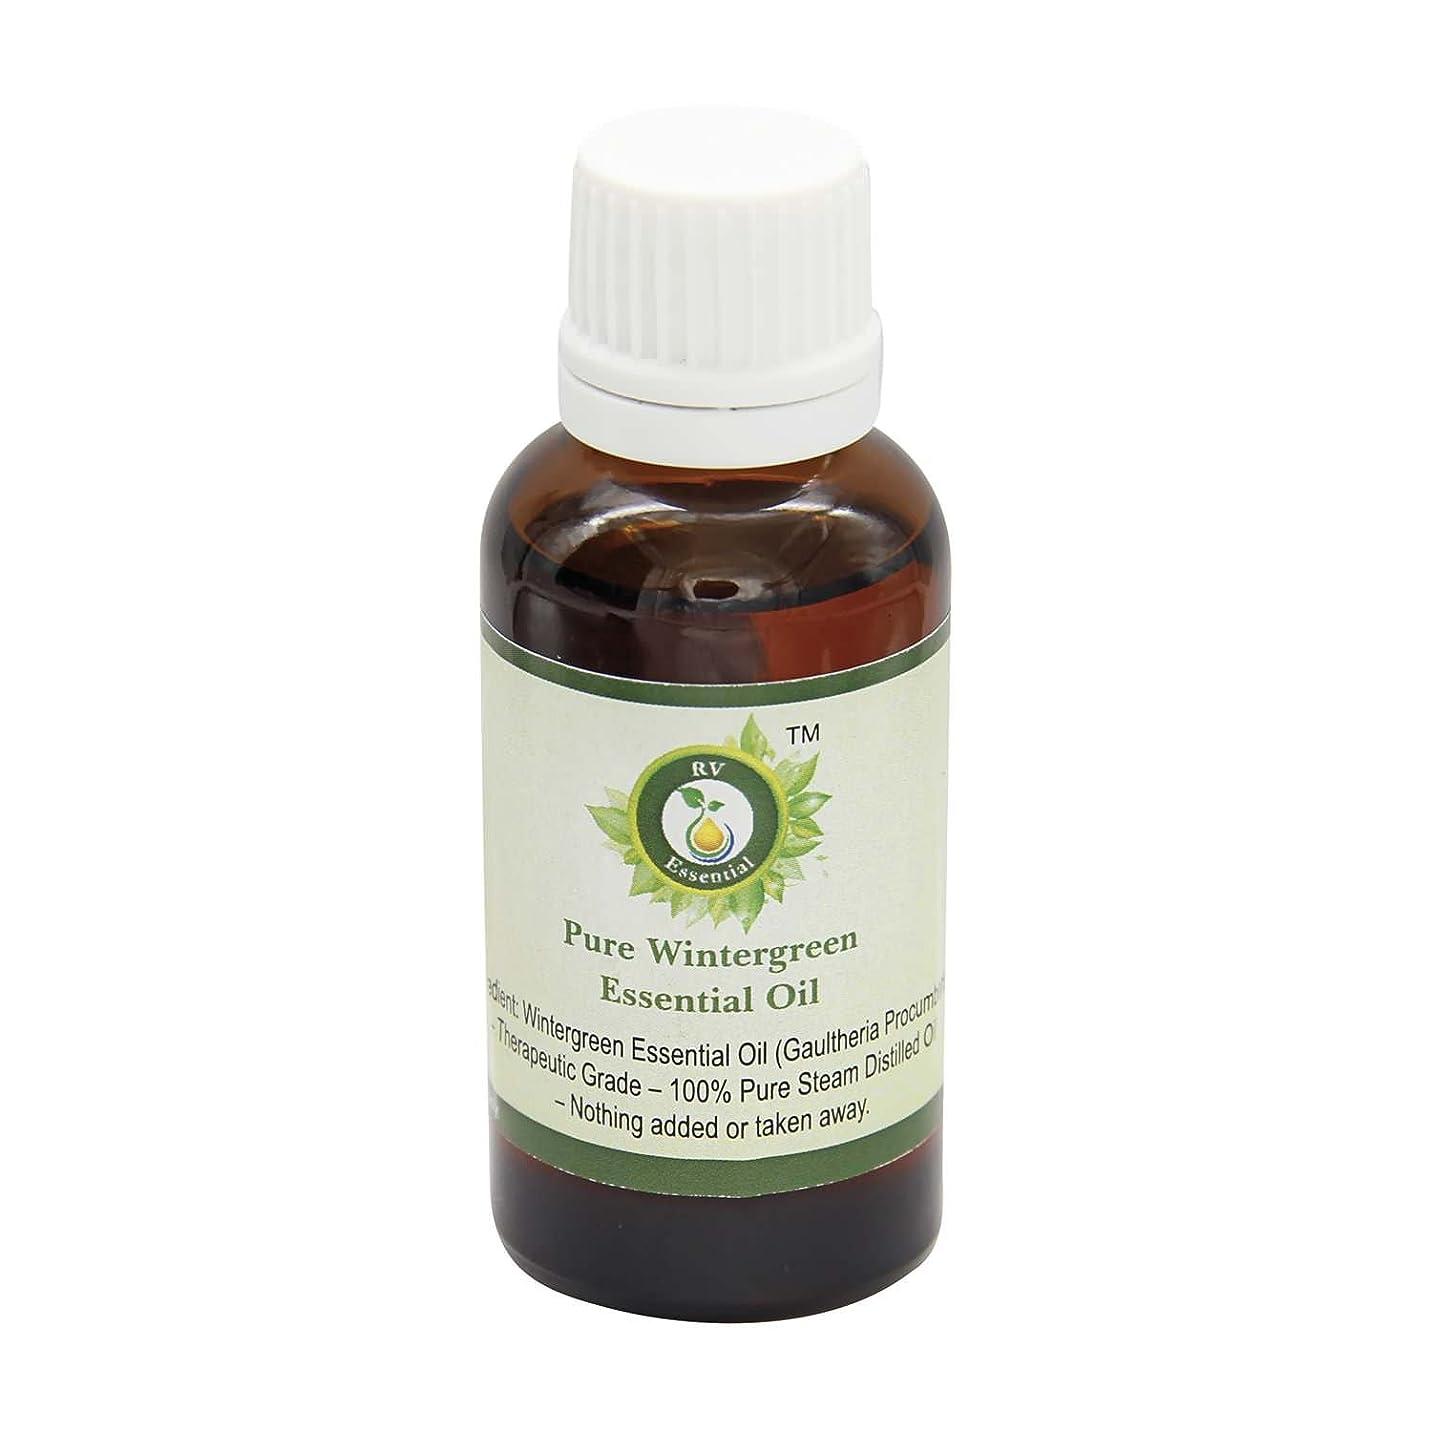 モチーフレビュー鎖R V Essential ピュアウィンターグリーンエッセンシャルオイル300ml (10oz)- Gaultheria Procumbens (100%純粋&天然スチームDistilled) Pure Wintergreen Essential Oil